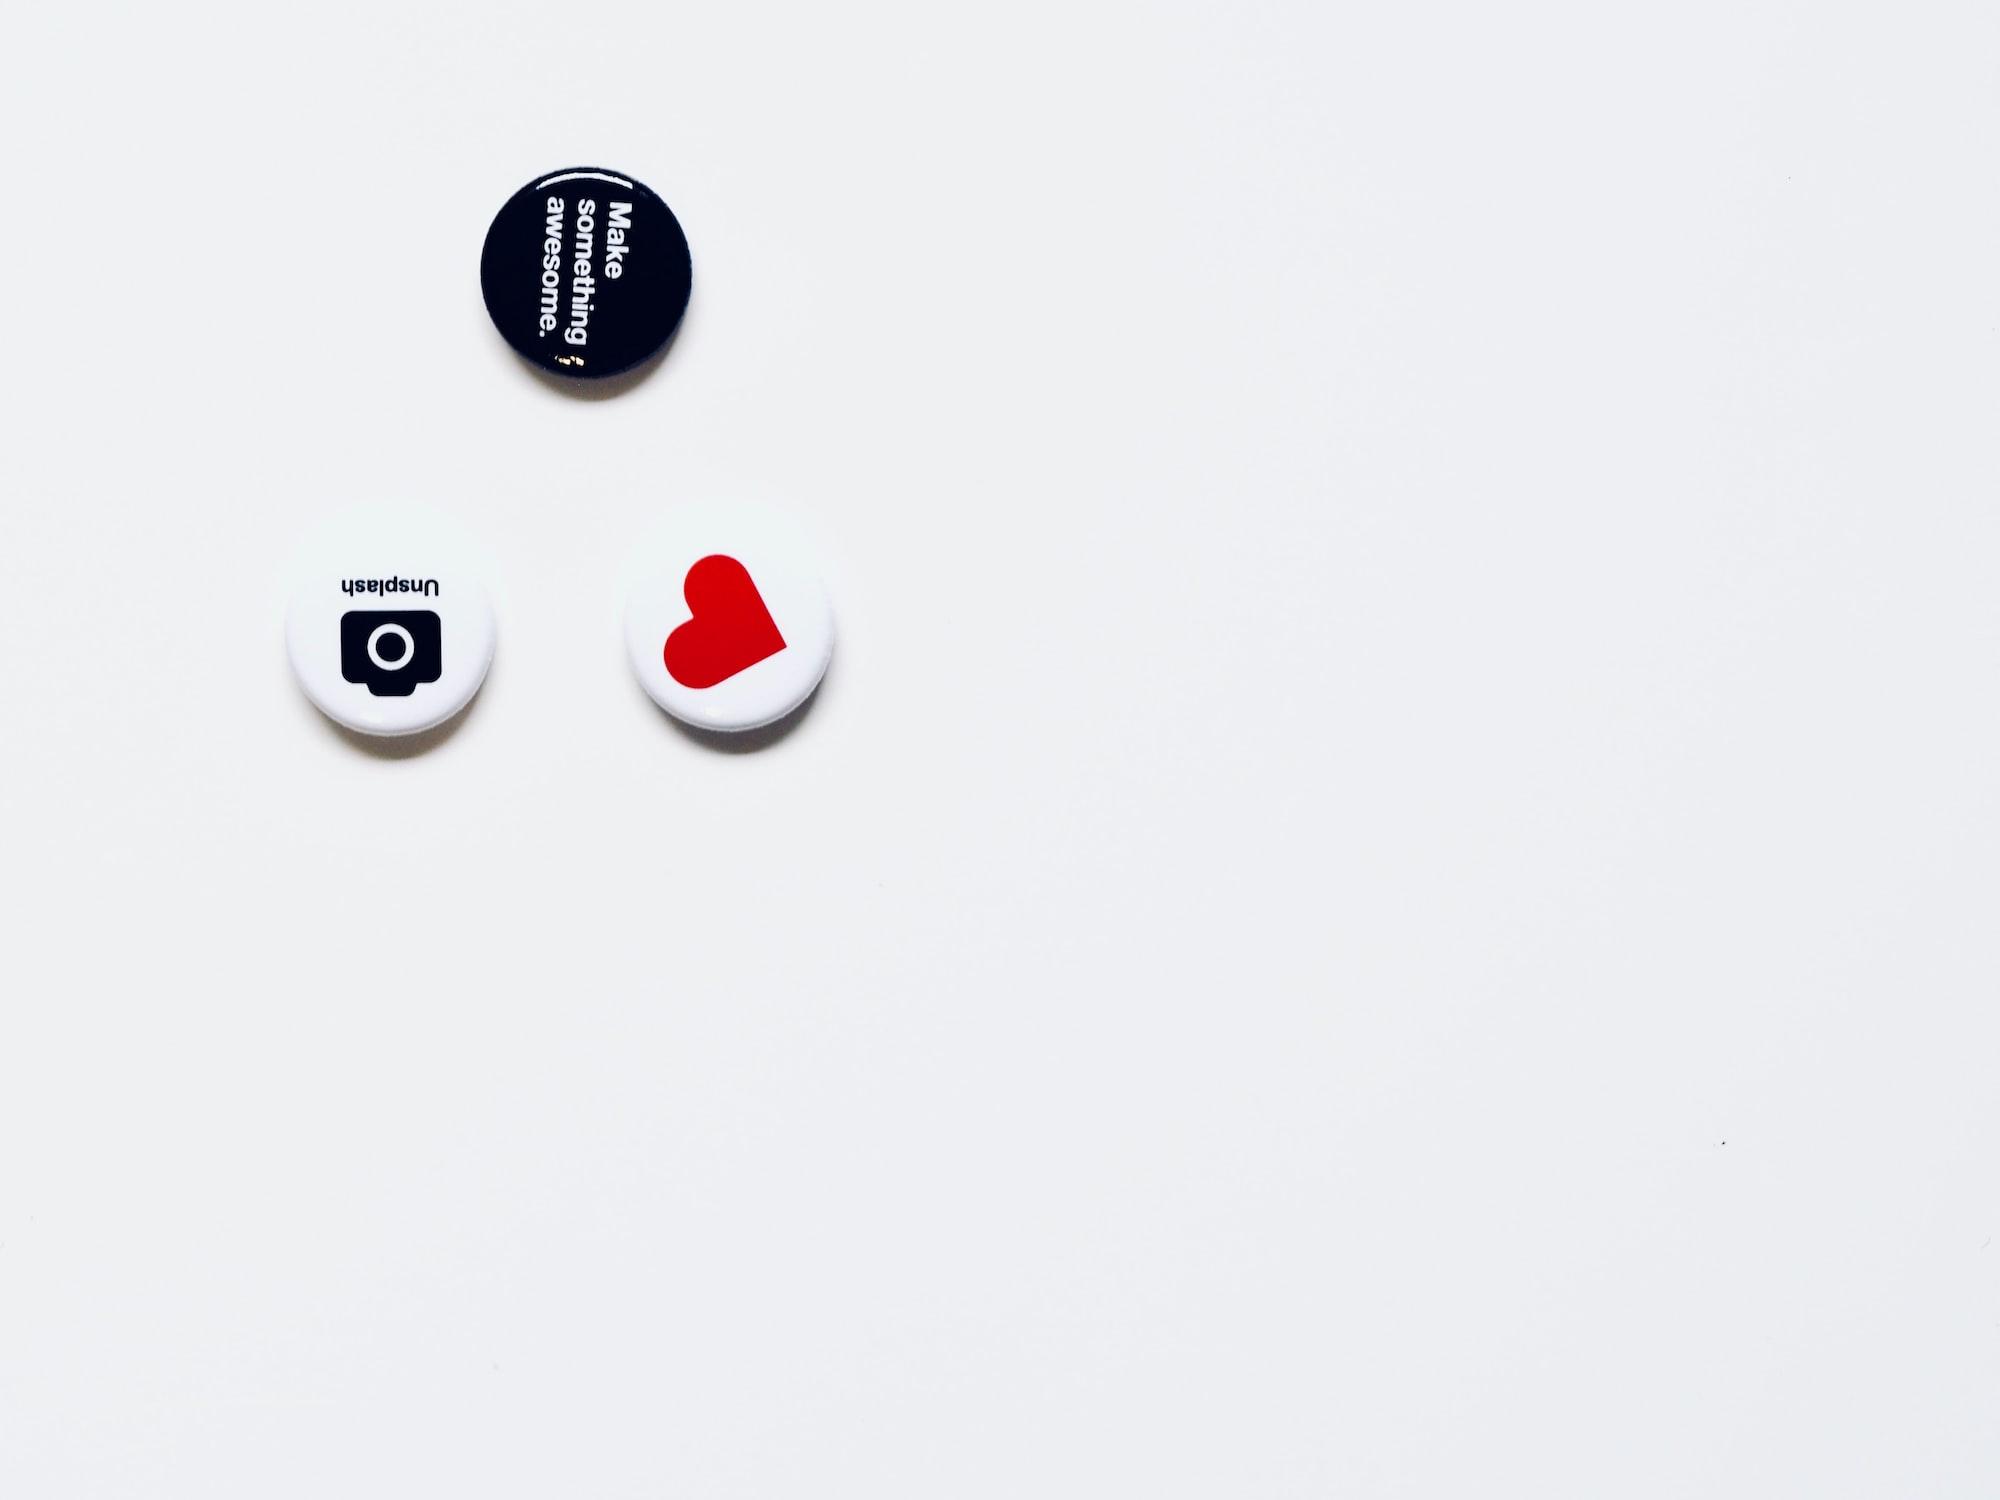 Badges for GitHub